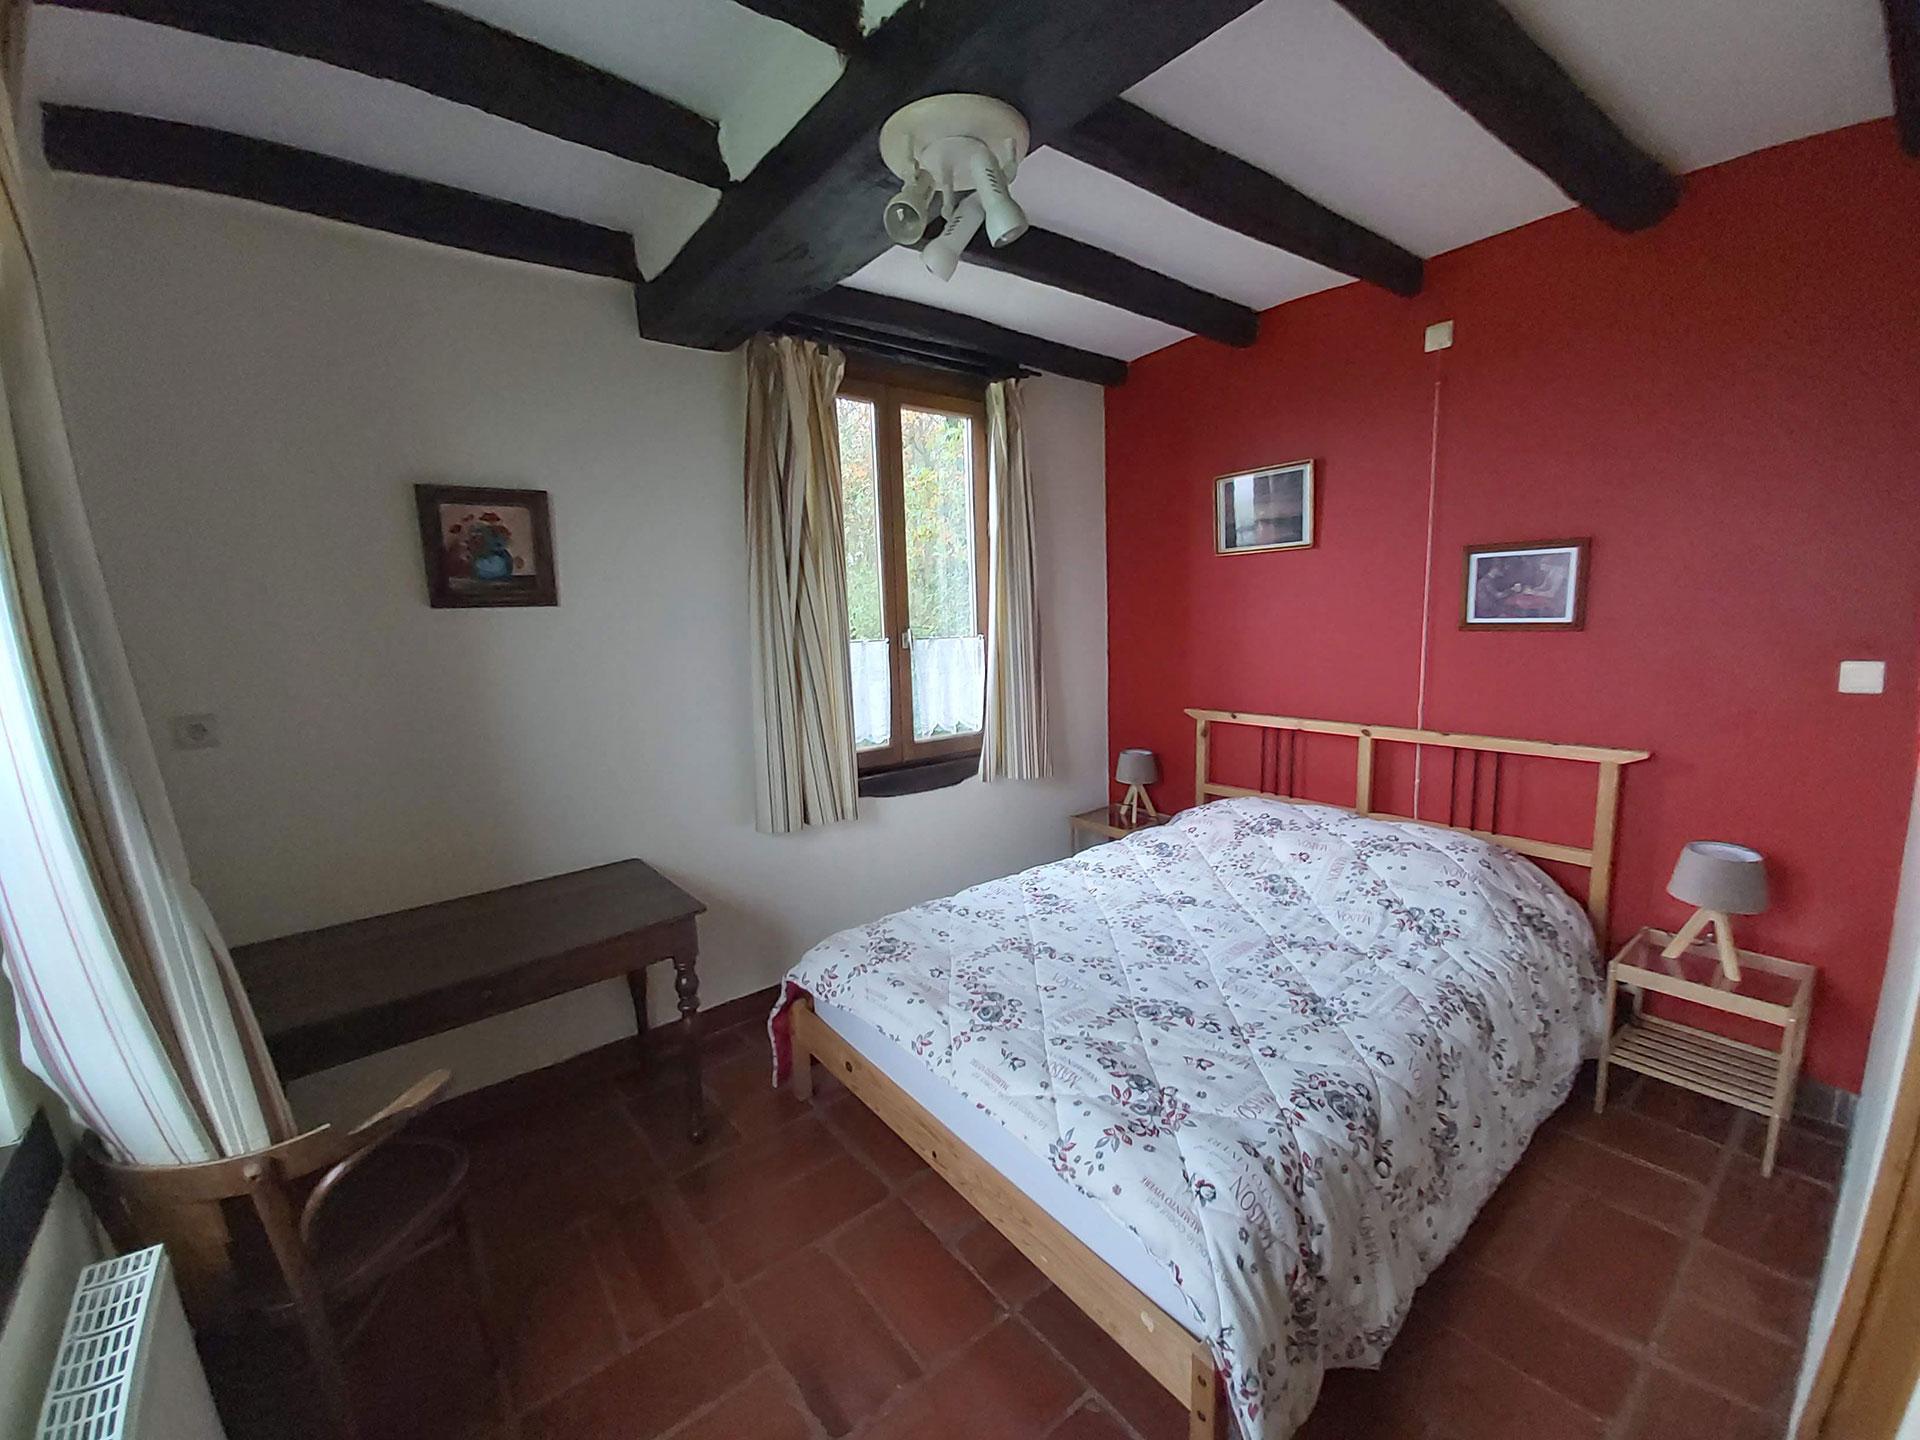 Gîte rural - La Bergerie - Froidchapelle - 2 chambres avec lit double - 1 canapé-lit - Living/salon - feu ouvert - Cuisine équipée - Salle de bains - Jardin - terrasse - coin barbecue - Etang privé - Parking